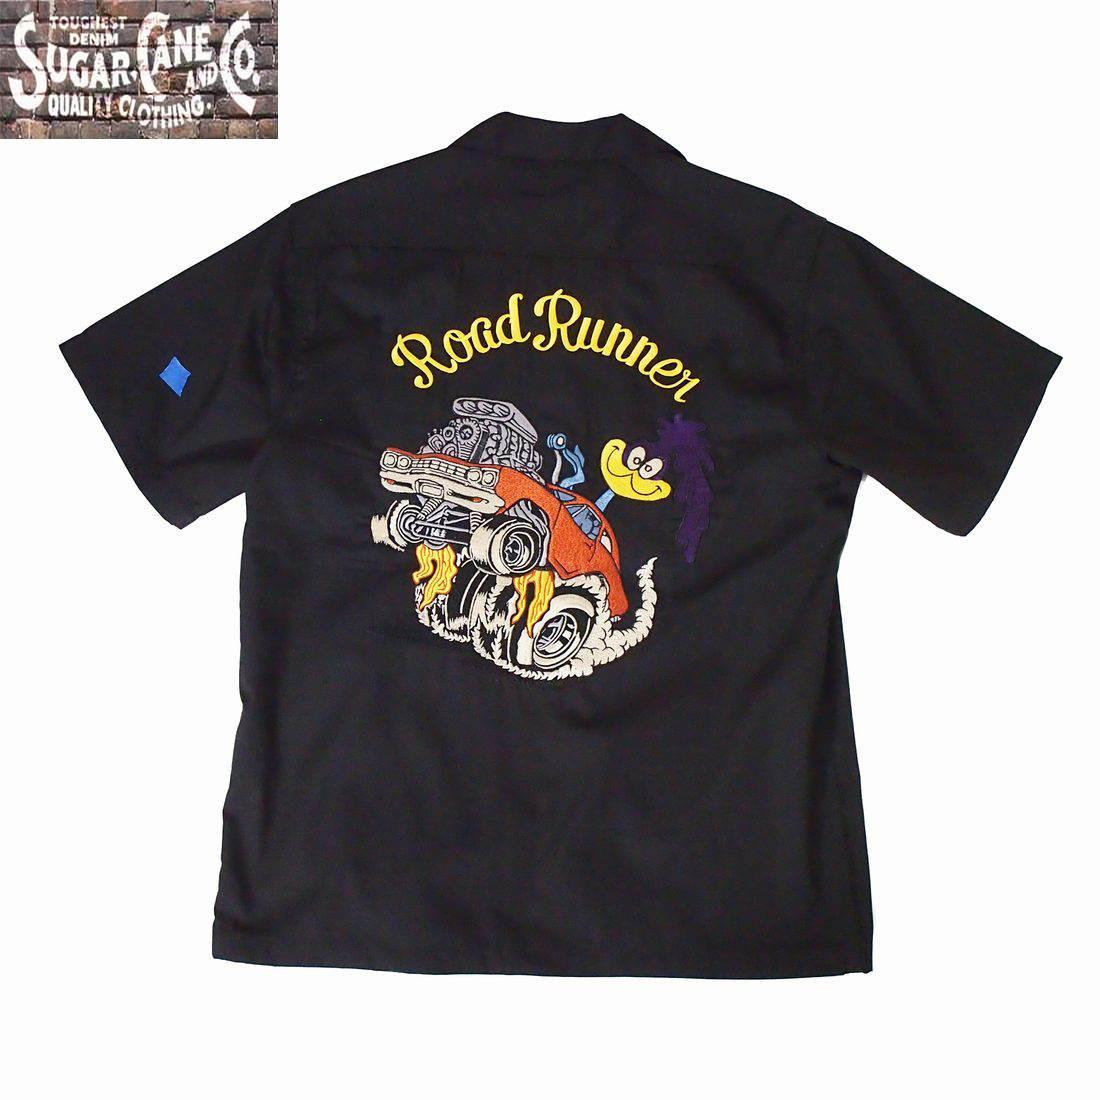 半袖シャツ SUGAR CANE/シュガーケーンロードランナー S/Sワークシャツ 「ロードランナー」S M Lサイズ ブラック メンズ 【送料無料】【あす楽】